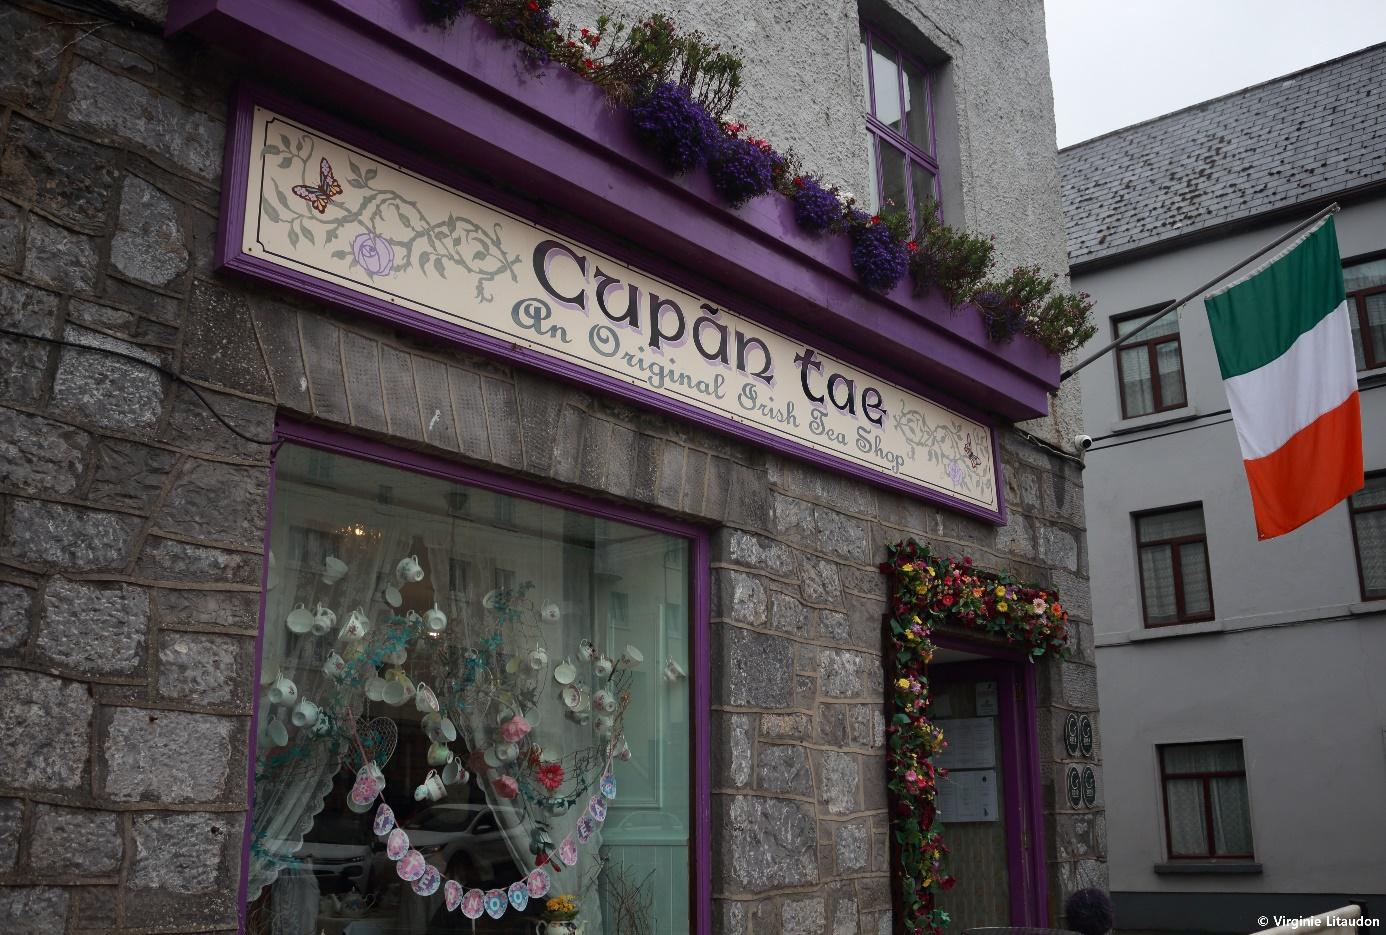 Crédit photo : Virginie Litaudon, Le salon de thé Cupan tae à Galway